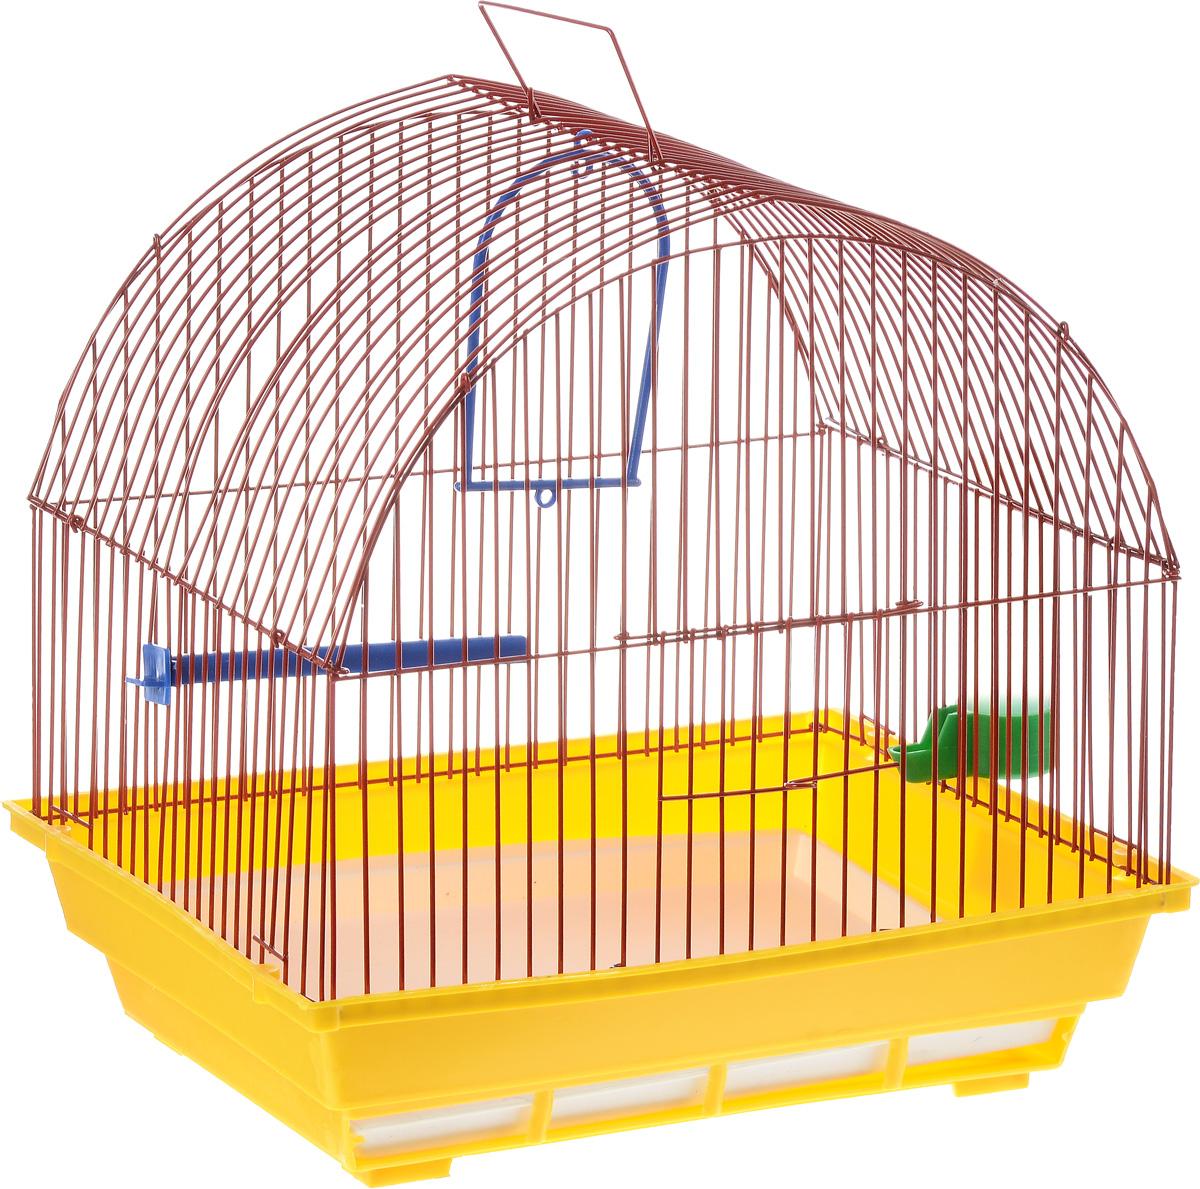 Клетка для птиц ЗооМарк, цвет: желтый поддон, красная решетка, 35 х 28 х 34 см420_желтый, красныйКлетка ЗооМарк, выполненная из полипропилена и металла с эмалированным покрытием, предназначена для мелких птиц.Изделие состоит из большого поддона и решетки. Клетка снабжена металлической дверцей. В основании клетки находится малый поддон. Клетка удобна в использовании и легко чистится.Комплектация:- клетка с поддоном,- малый поддон,- поилка,- кормушка,- кольцо.